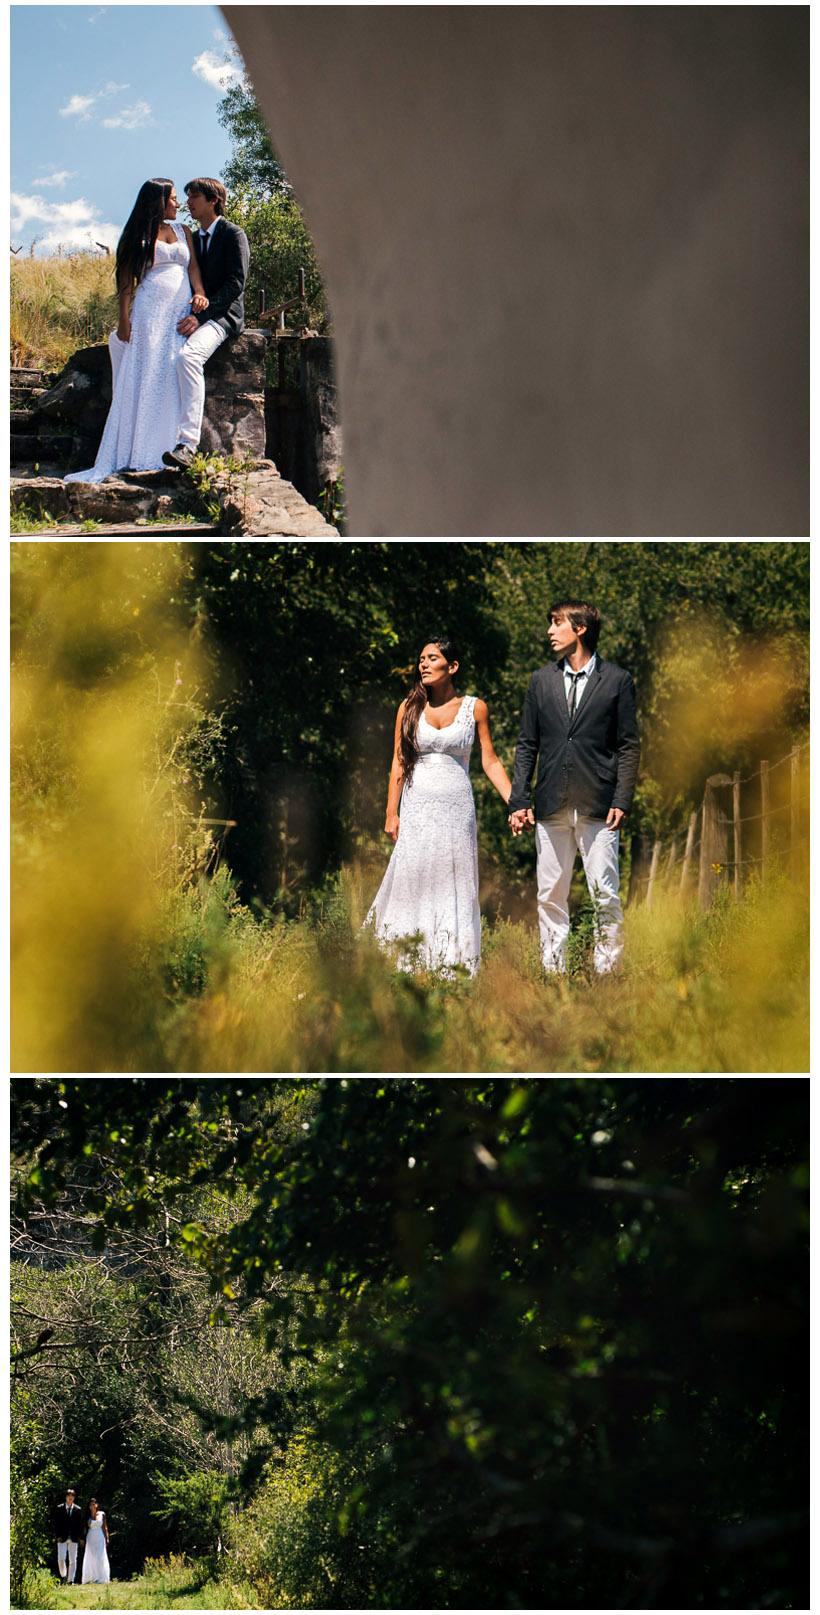 fotografo de bodas en candonga (4).jpg